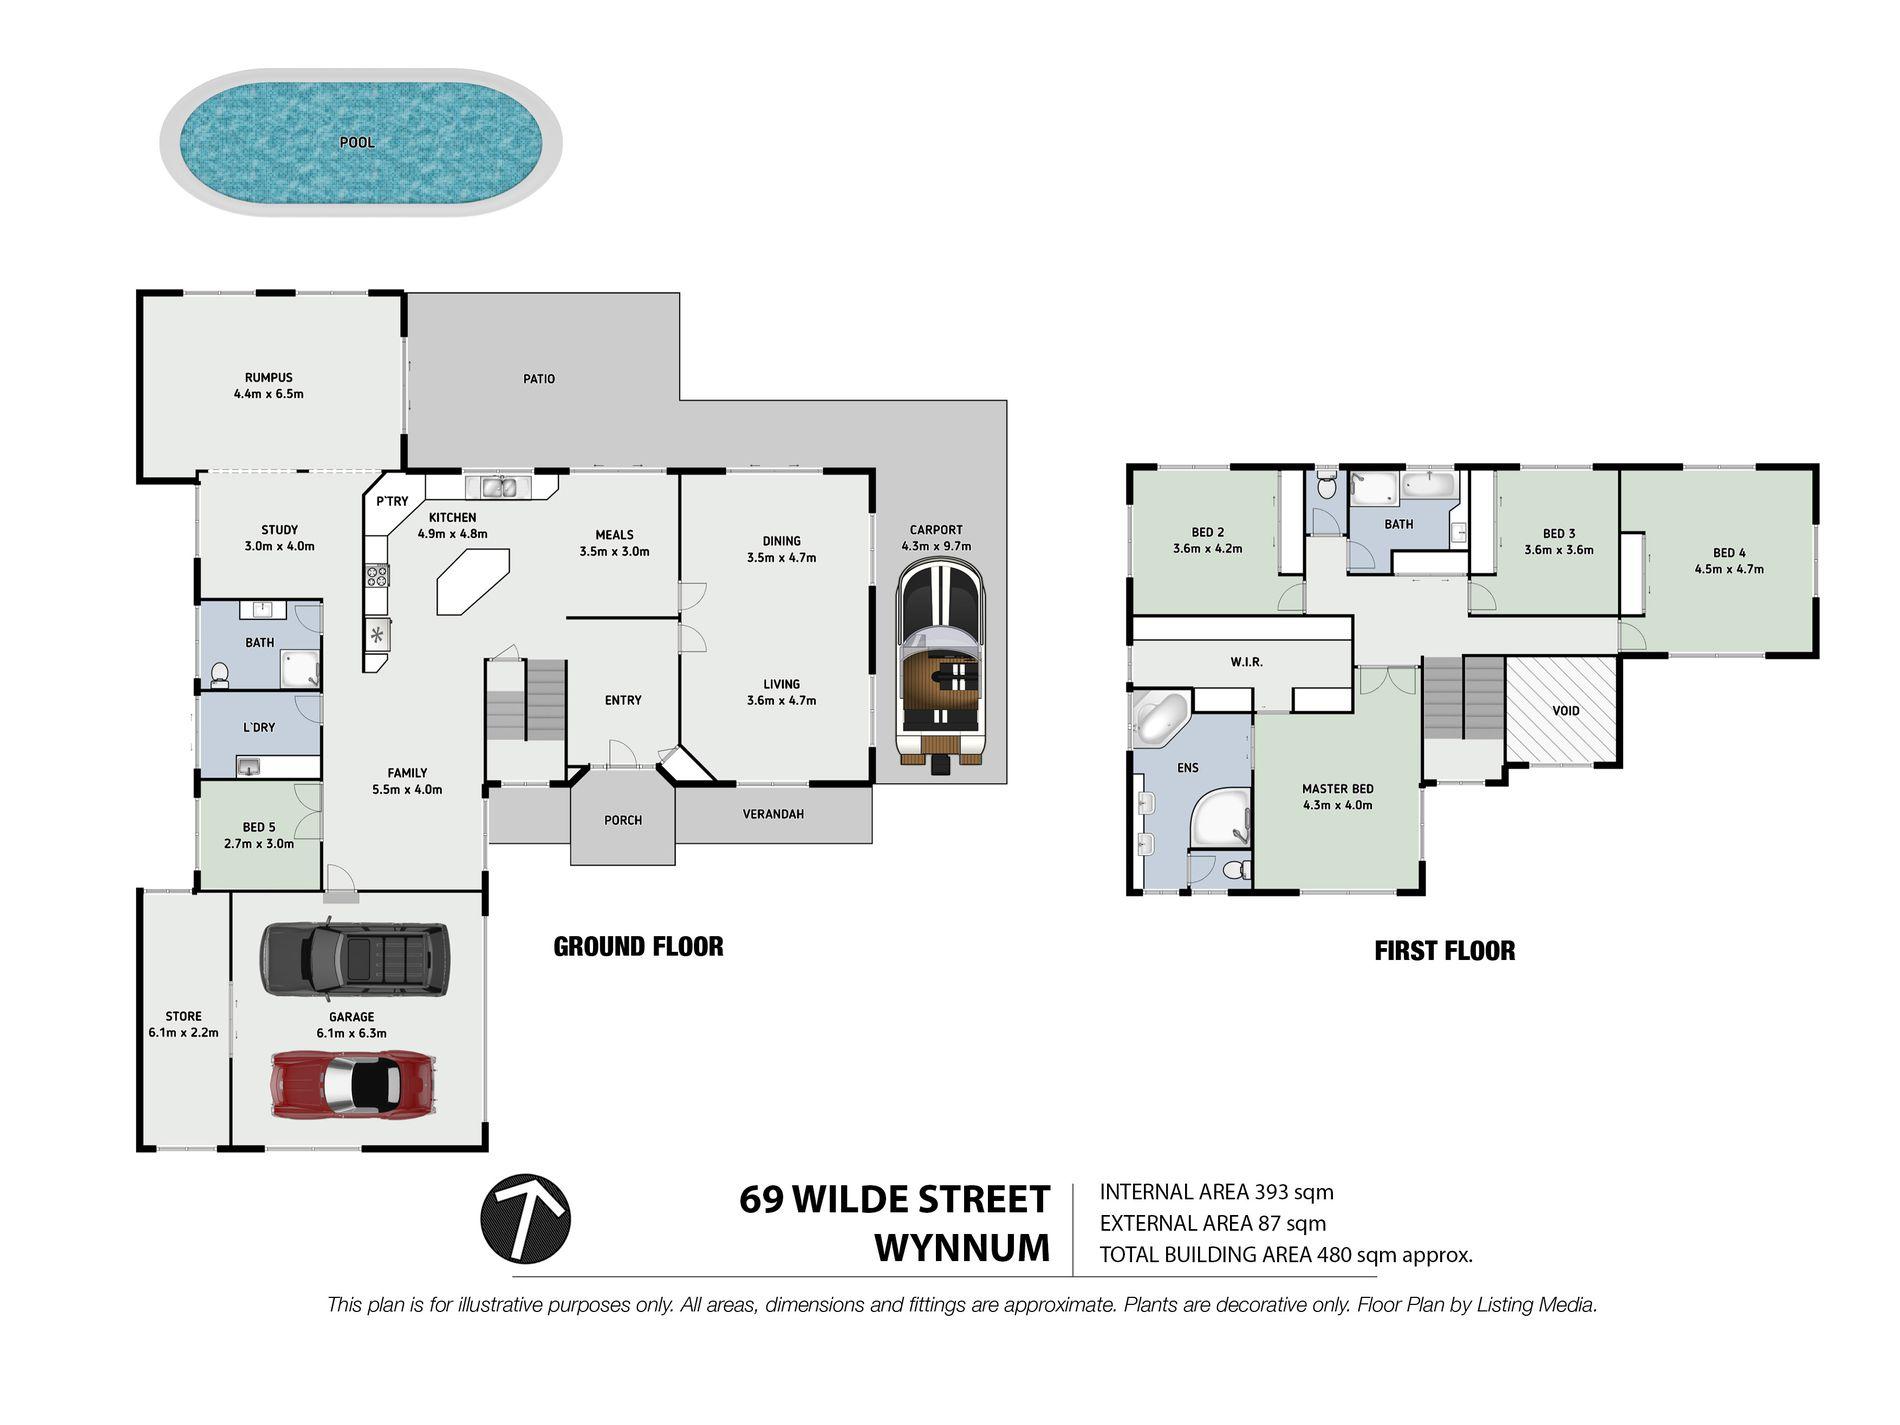 69 Wilde Street, Wynnum